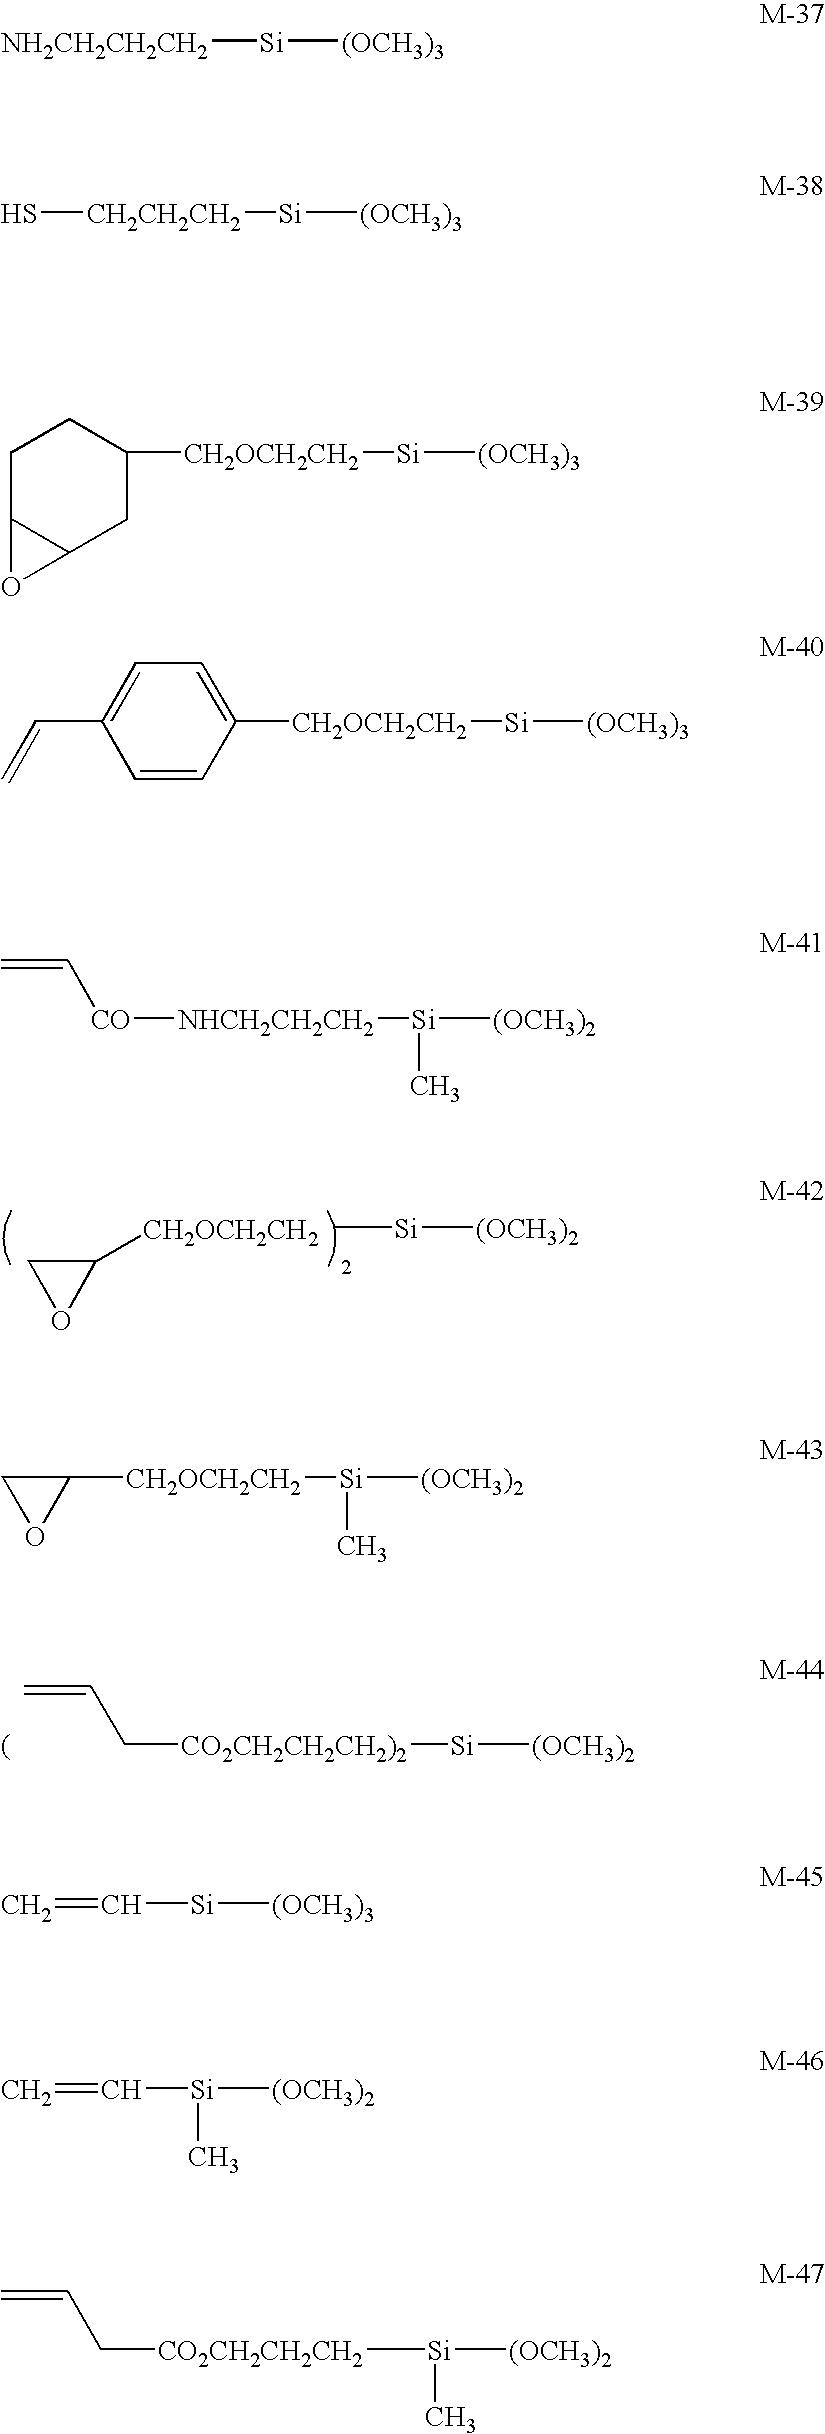 Figure US20090178589A1-20090716-C00007